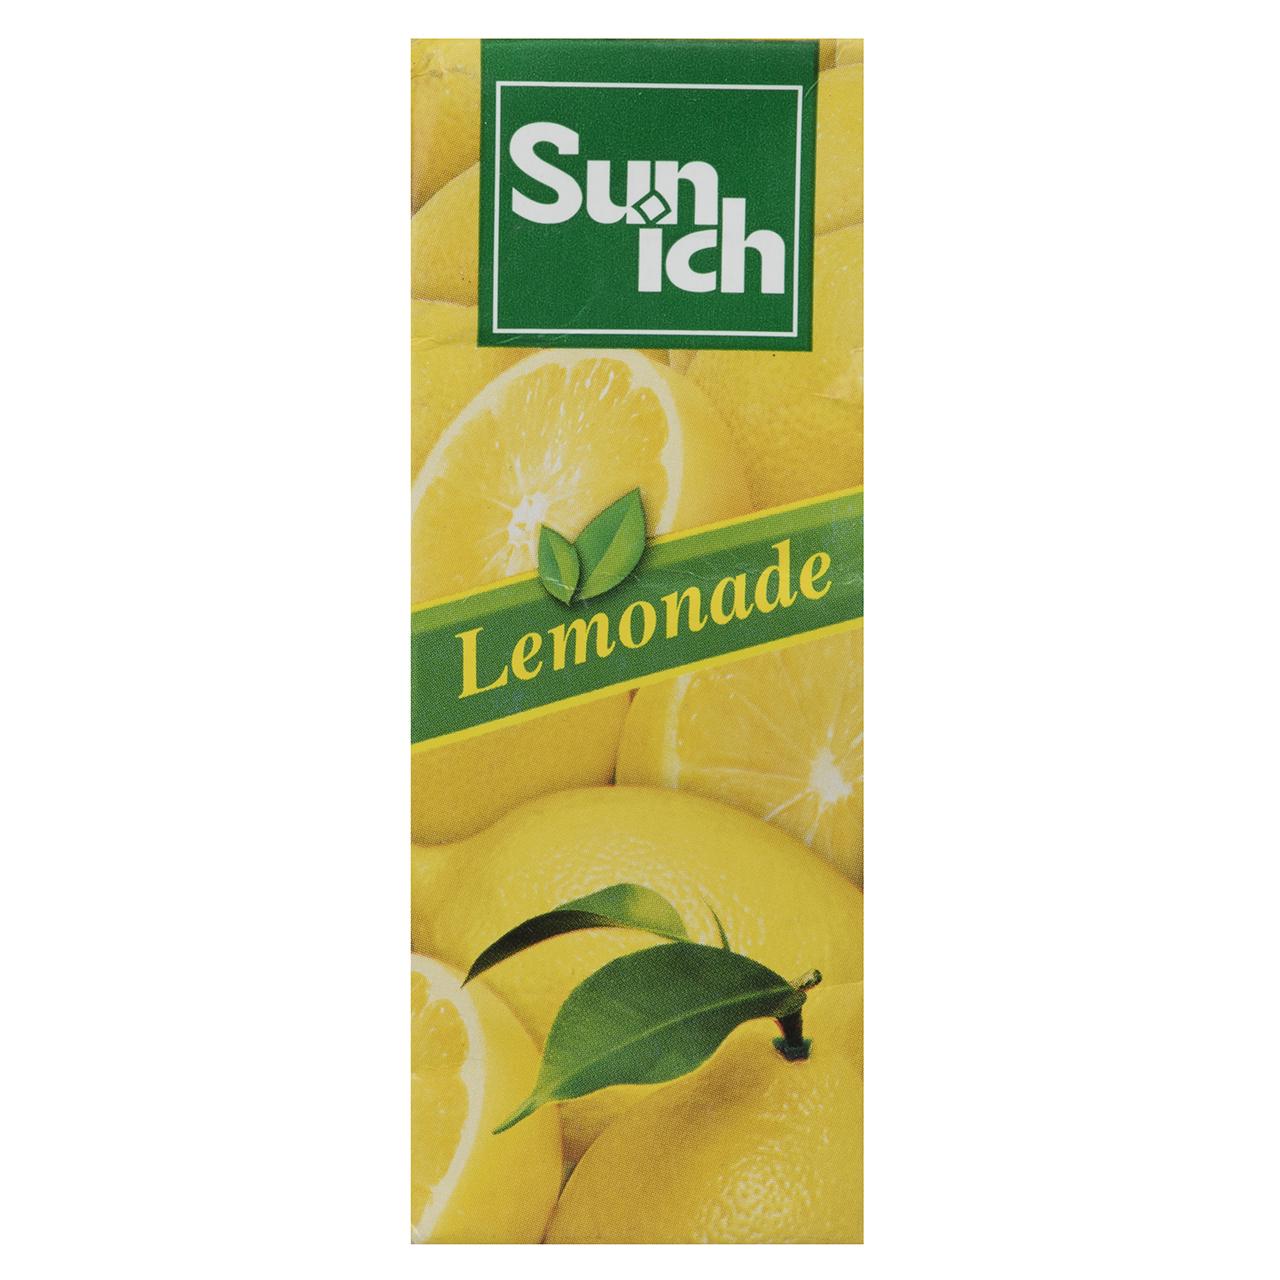 نوشیدنی لیموناد سن ایچ مقدار 200 میلی لیتر